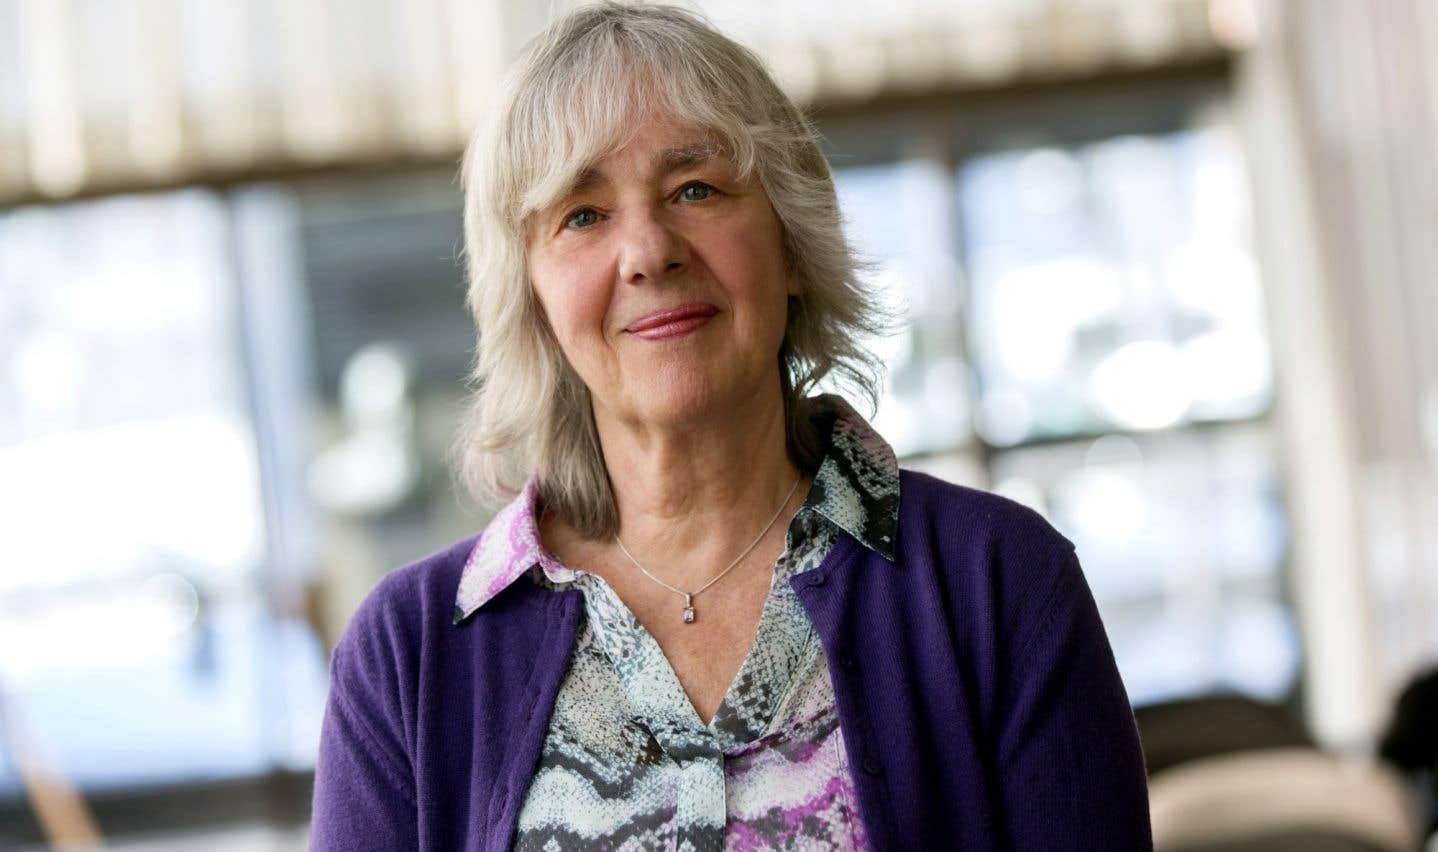 Marguerite Mendell, professeure titulaire à l'École des affaires publiques et communautaires de l'Université Concordia et directrice de l'équipe de recherche sur l'économie sociale de cette université.